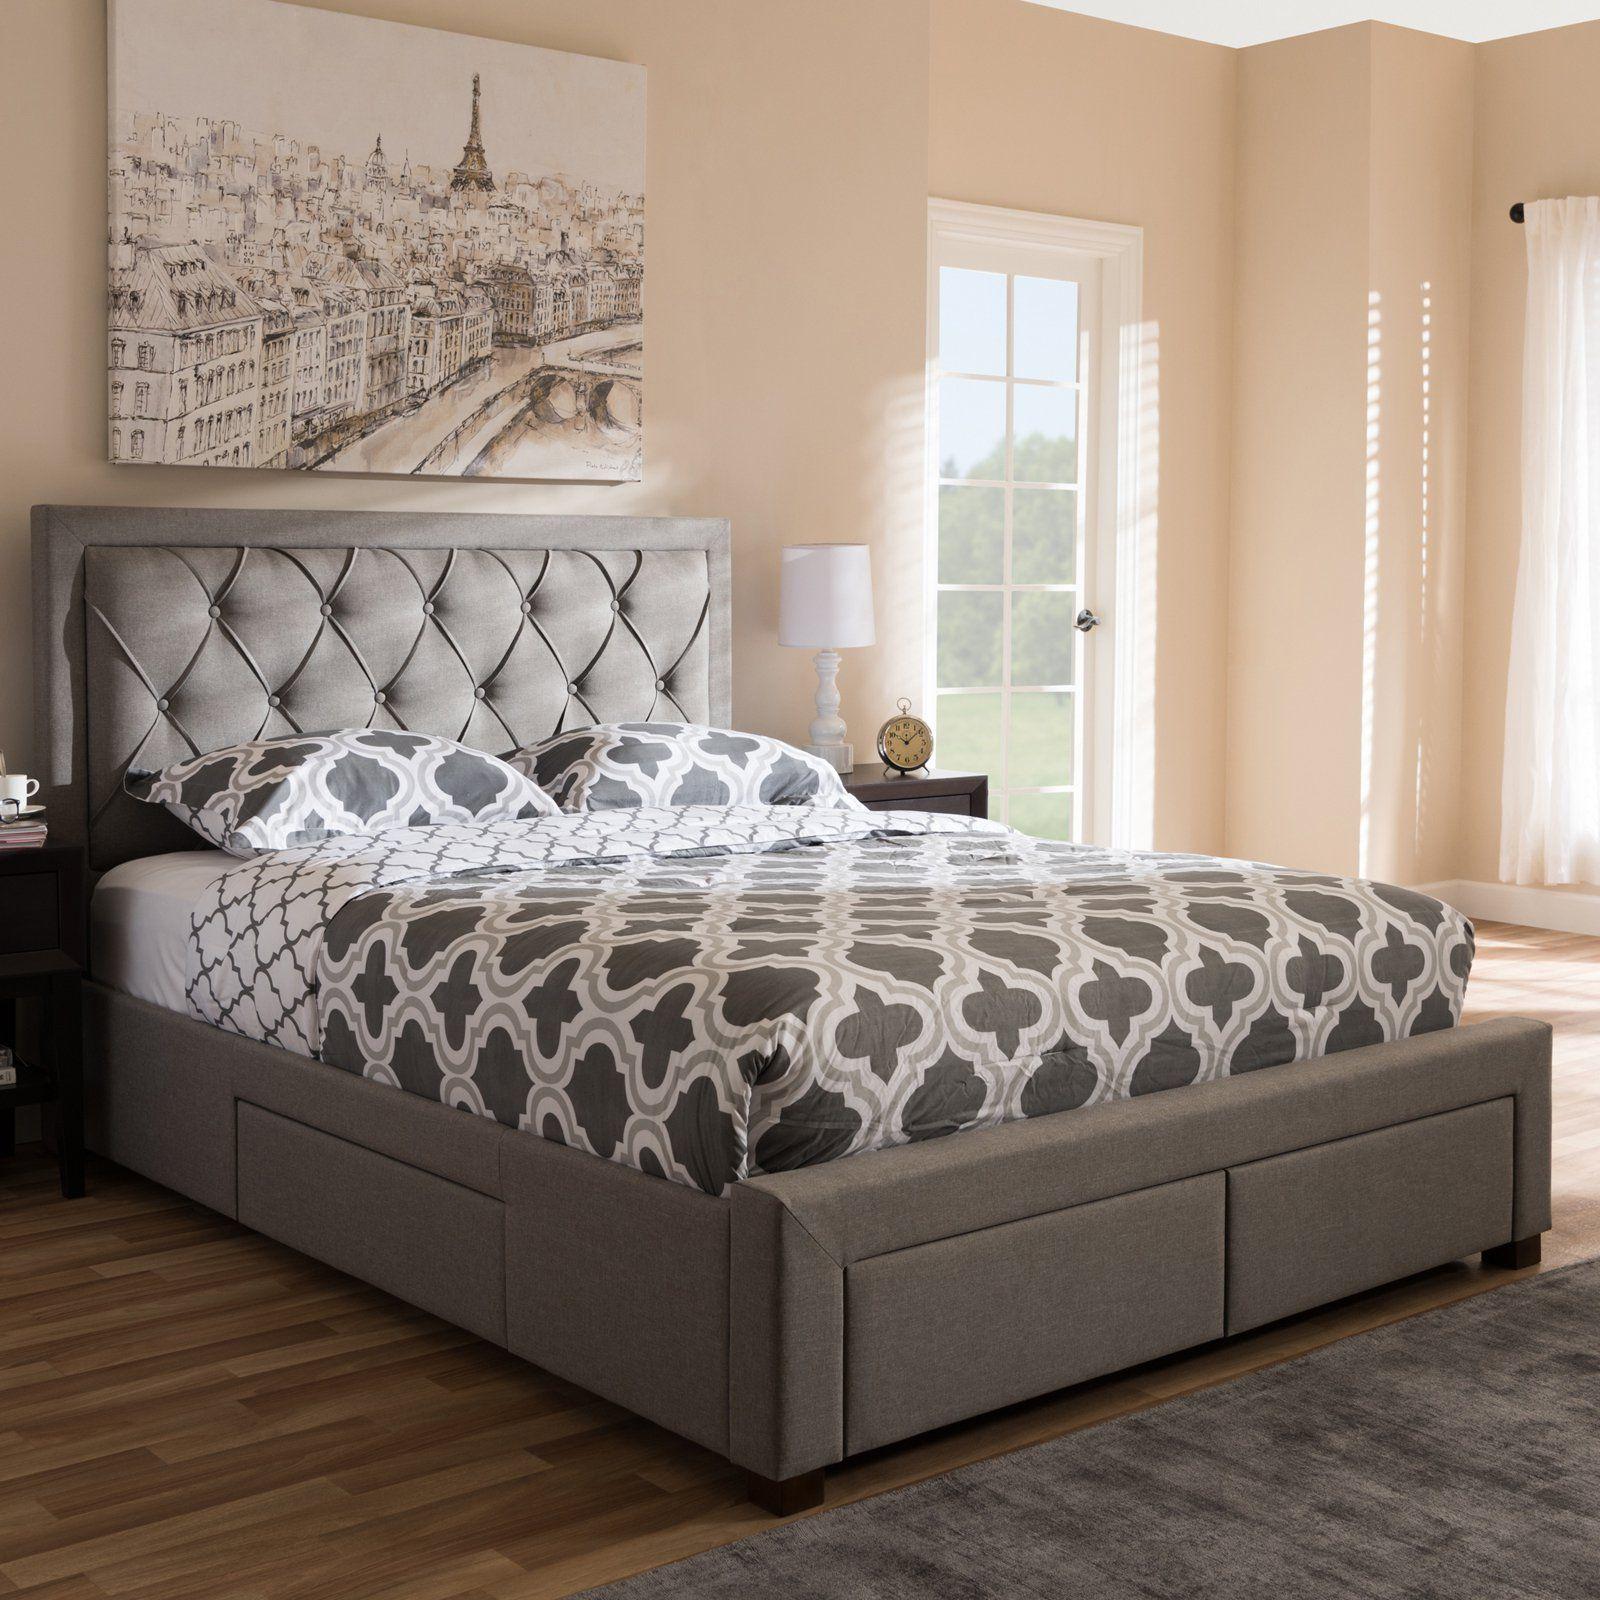 Best Baxton Studio Aurelie Modern And Contemporary Fabric 640 x 480